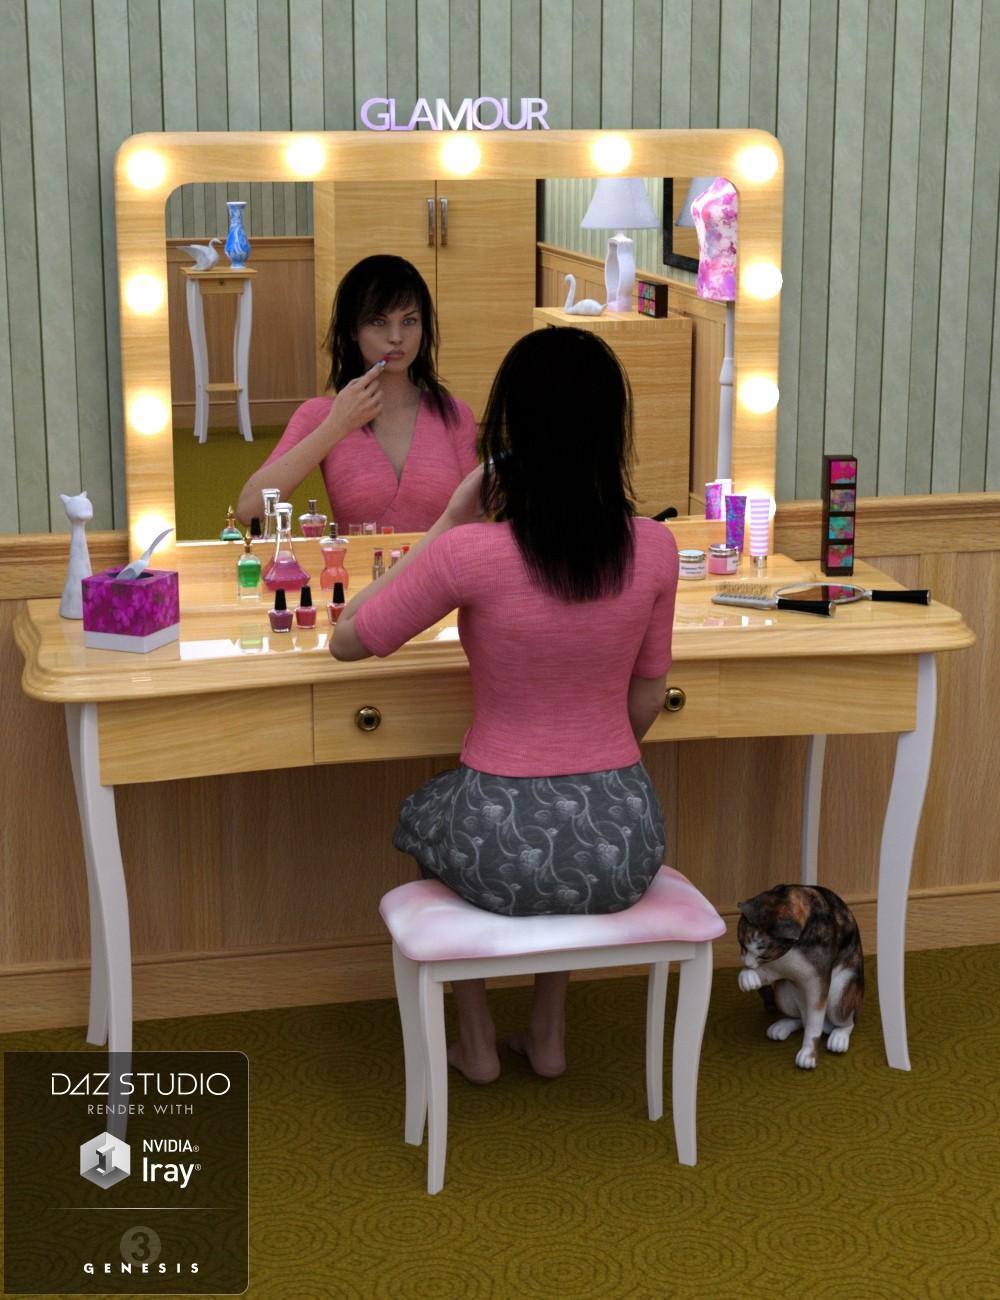 Download daz studio 3 for free daz 3d gen 39 s dressing room for Living room 2 for daz studio